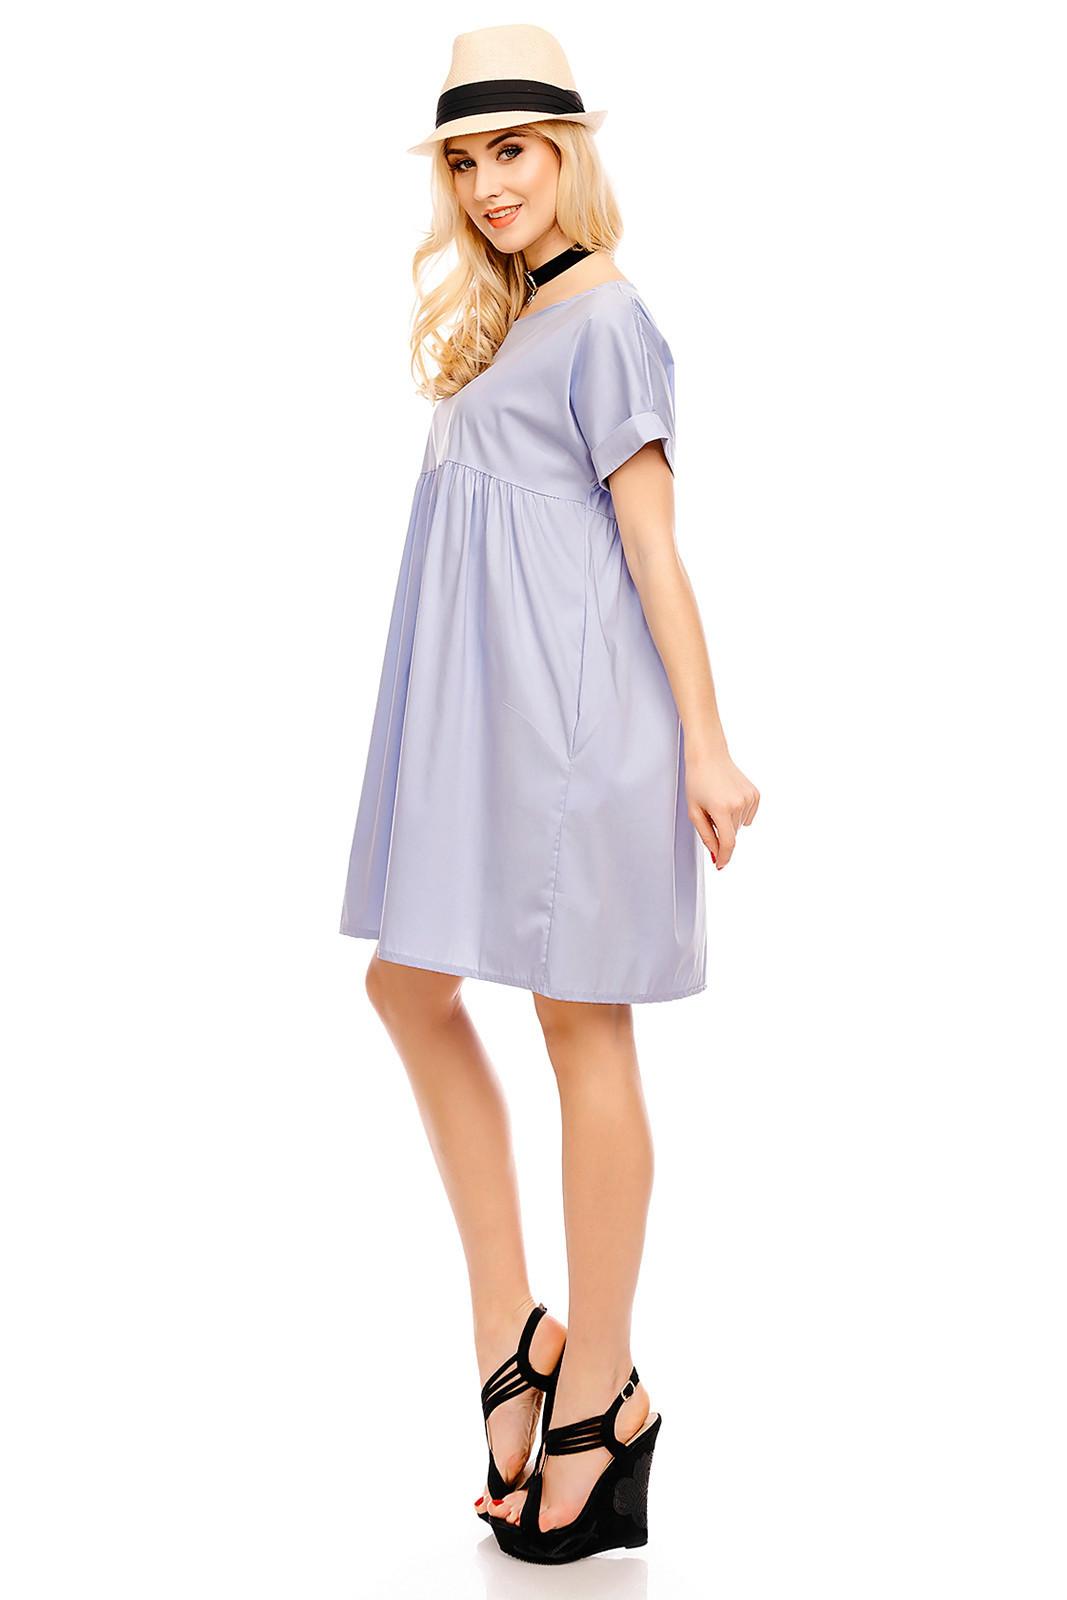 Dámské šaty volného střihu středně dlouhé světle modré - Modrá / UNI - Pronto Moda světle modrá uni